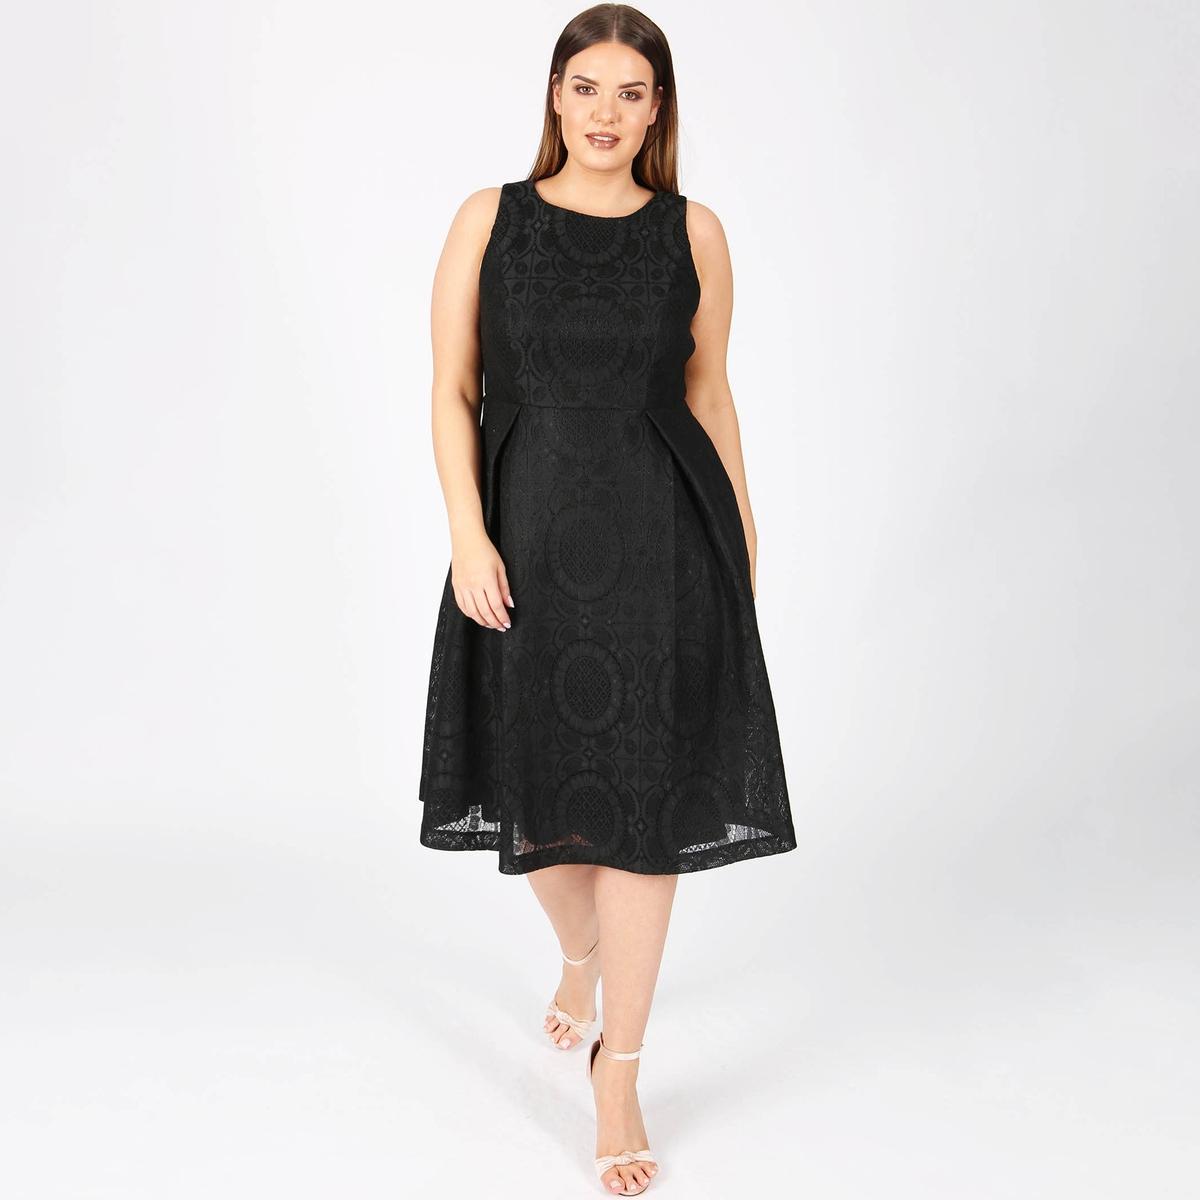 Платье-миди расклешенное из кружева без рукавов кружевное платье миди 40 44